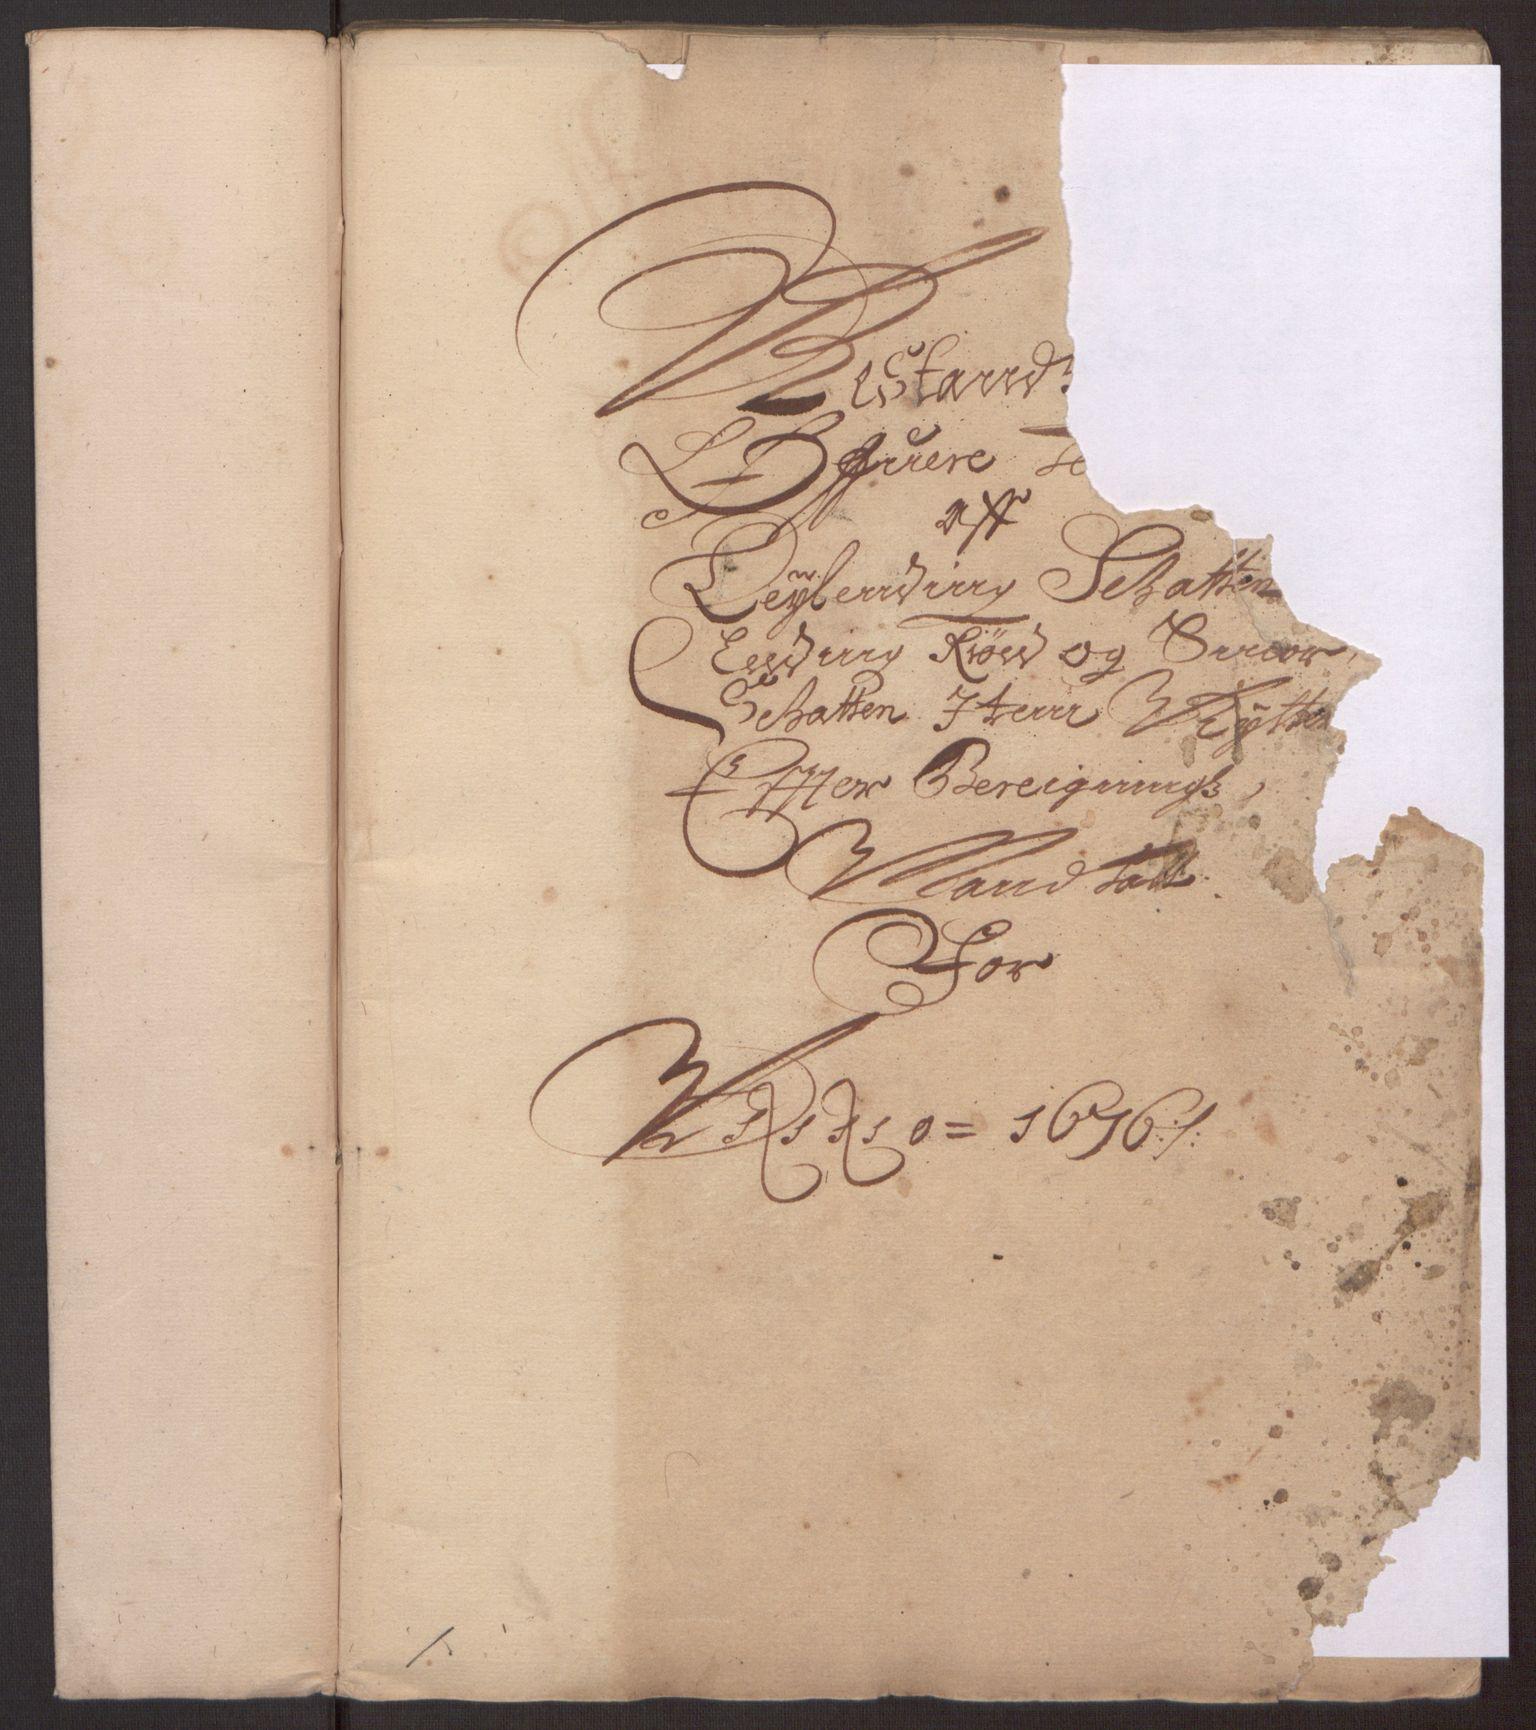 RA, Rentekammeret inntil 1814, Reviderte regnskaper, Fogderegnskap, R35/L2065: Fogderegnskap Øvre og Nedre Telemark, 1676, s. 260